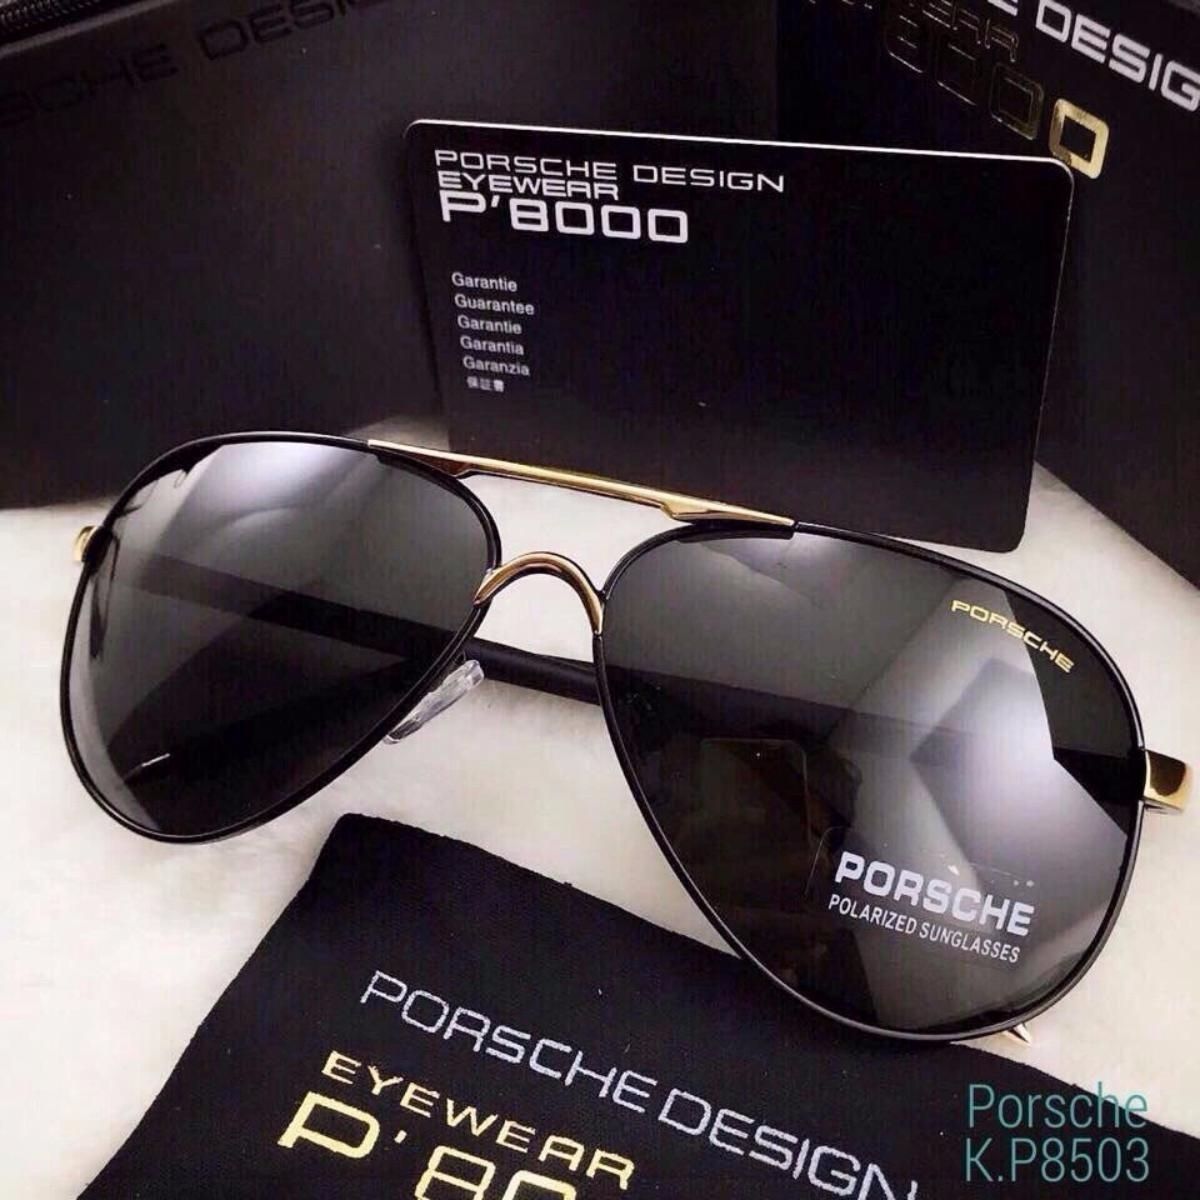 Mắt Kính PORSCHE P8000 - Hàng đẹp Fullbox túi chống sốc và thẻ Original